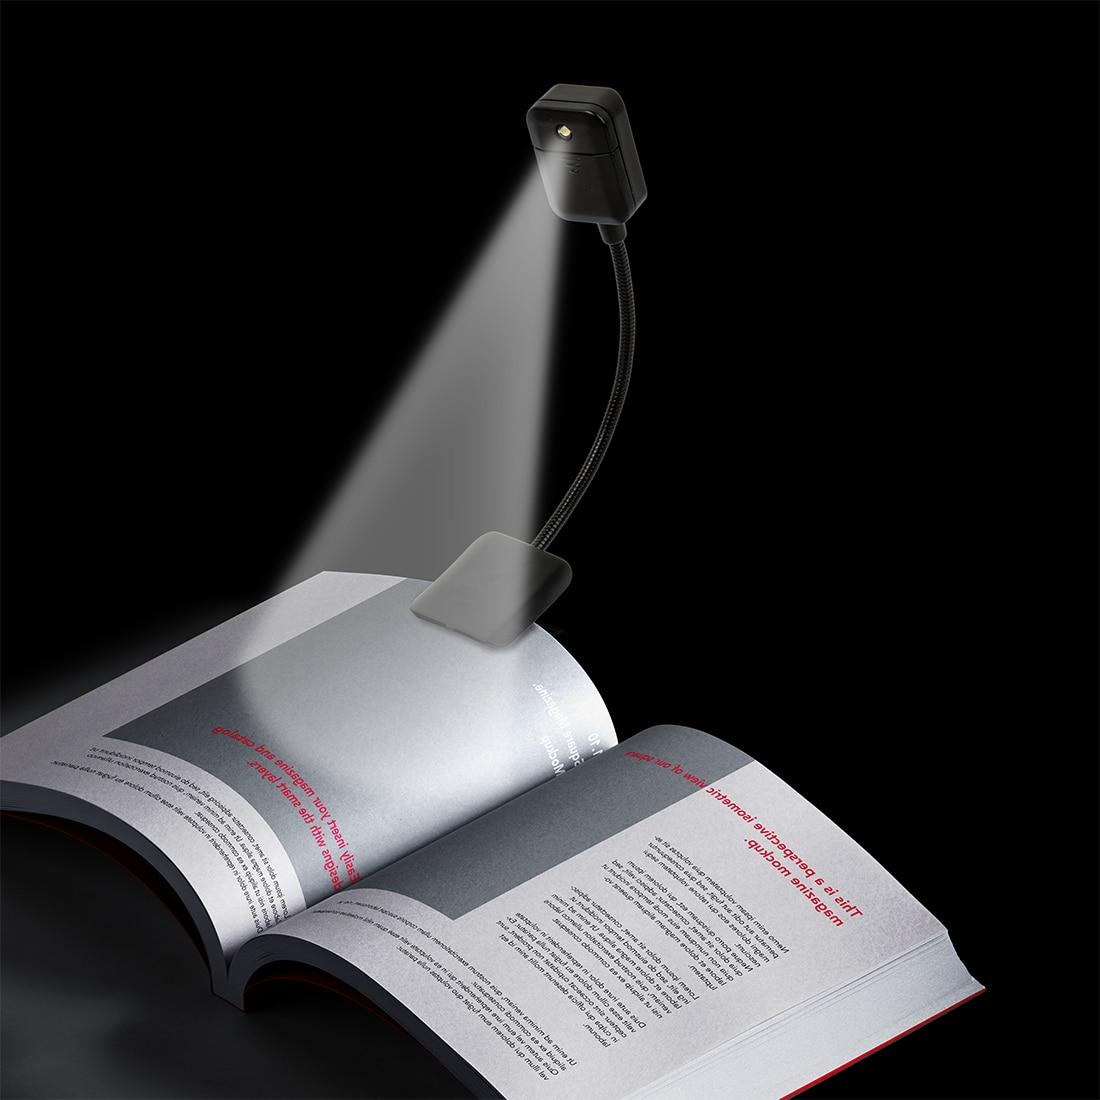 LED Reading Light Ebook Notebook Nightlight  Lamp Flashlight Book Reader For Kindle E-Reader Flashlight